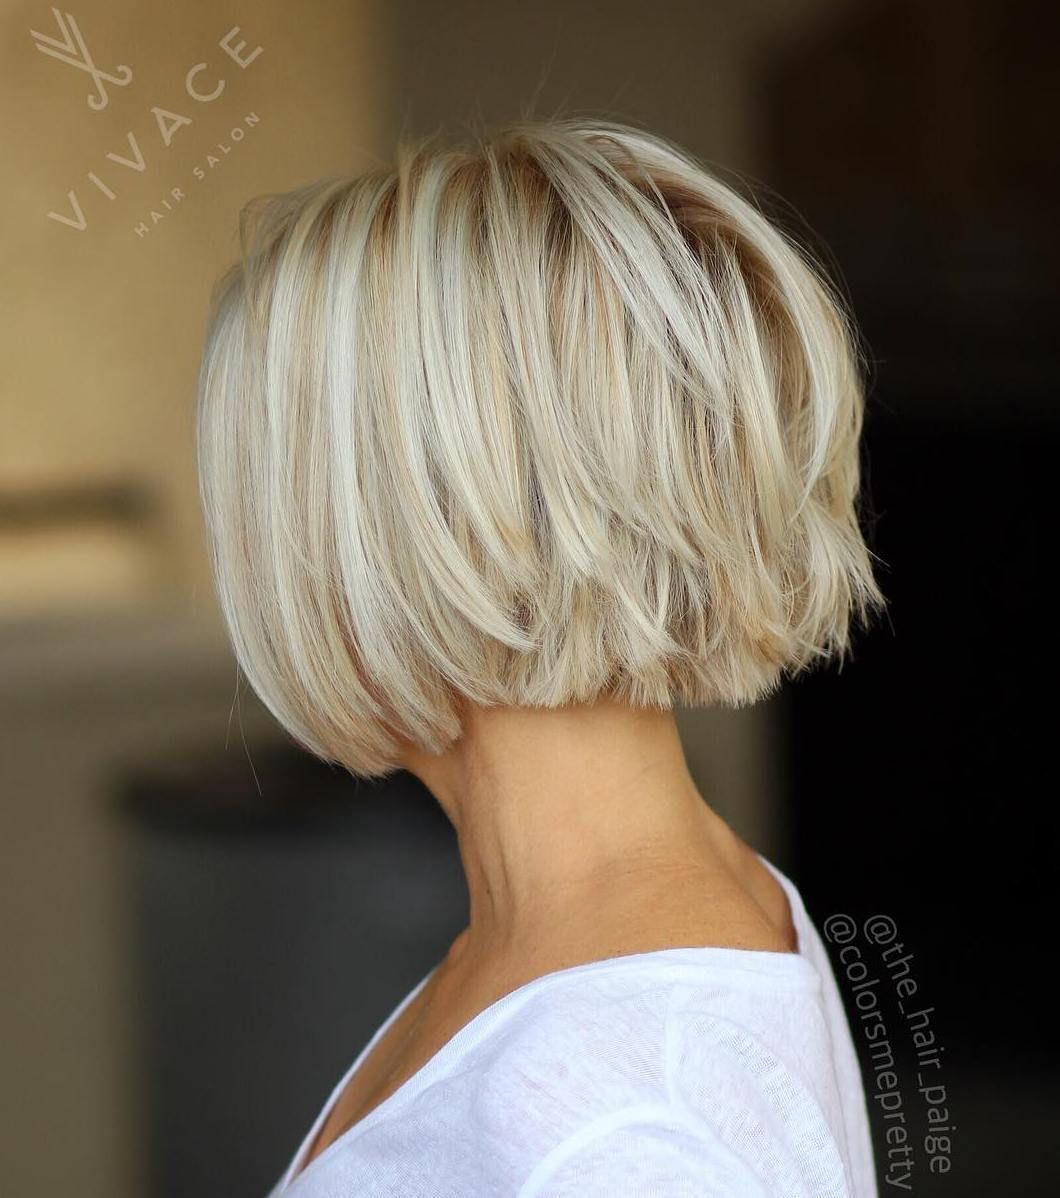 100 Mind Blowing Short Hairstyles For Fine Hair Korte Kapsels Voor Fijn Haar Kapsels Kort Trendy Kapsel